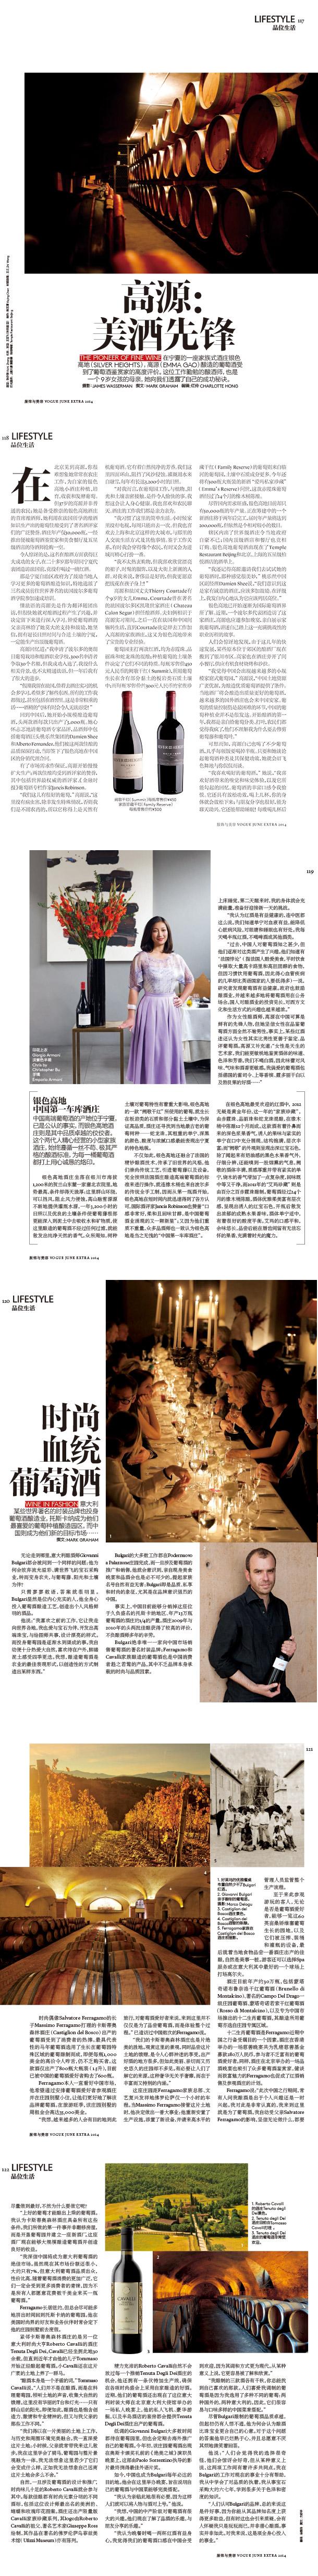 Vogue2014-06-art